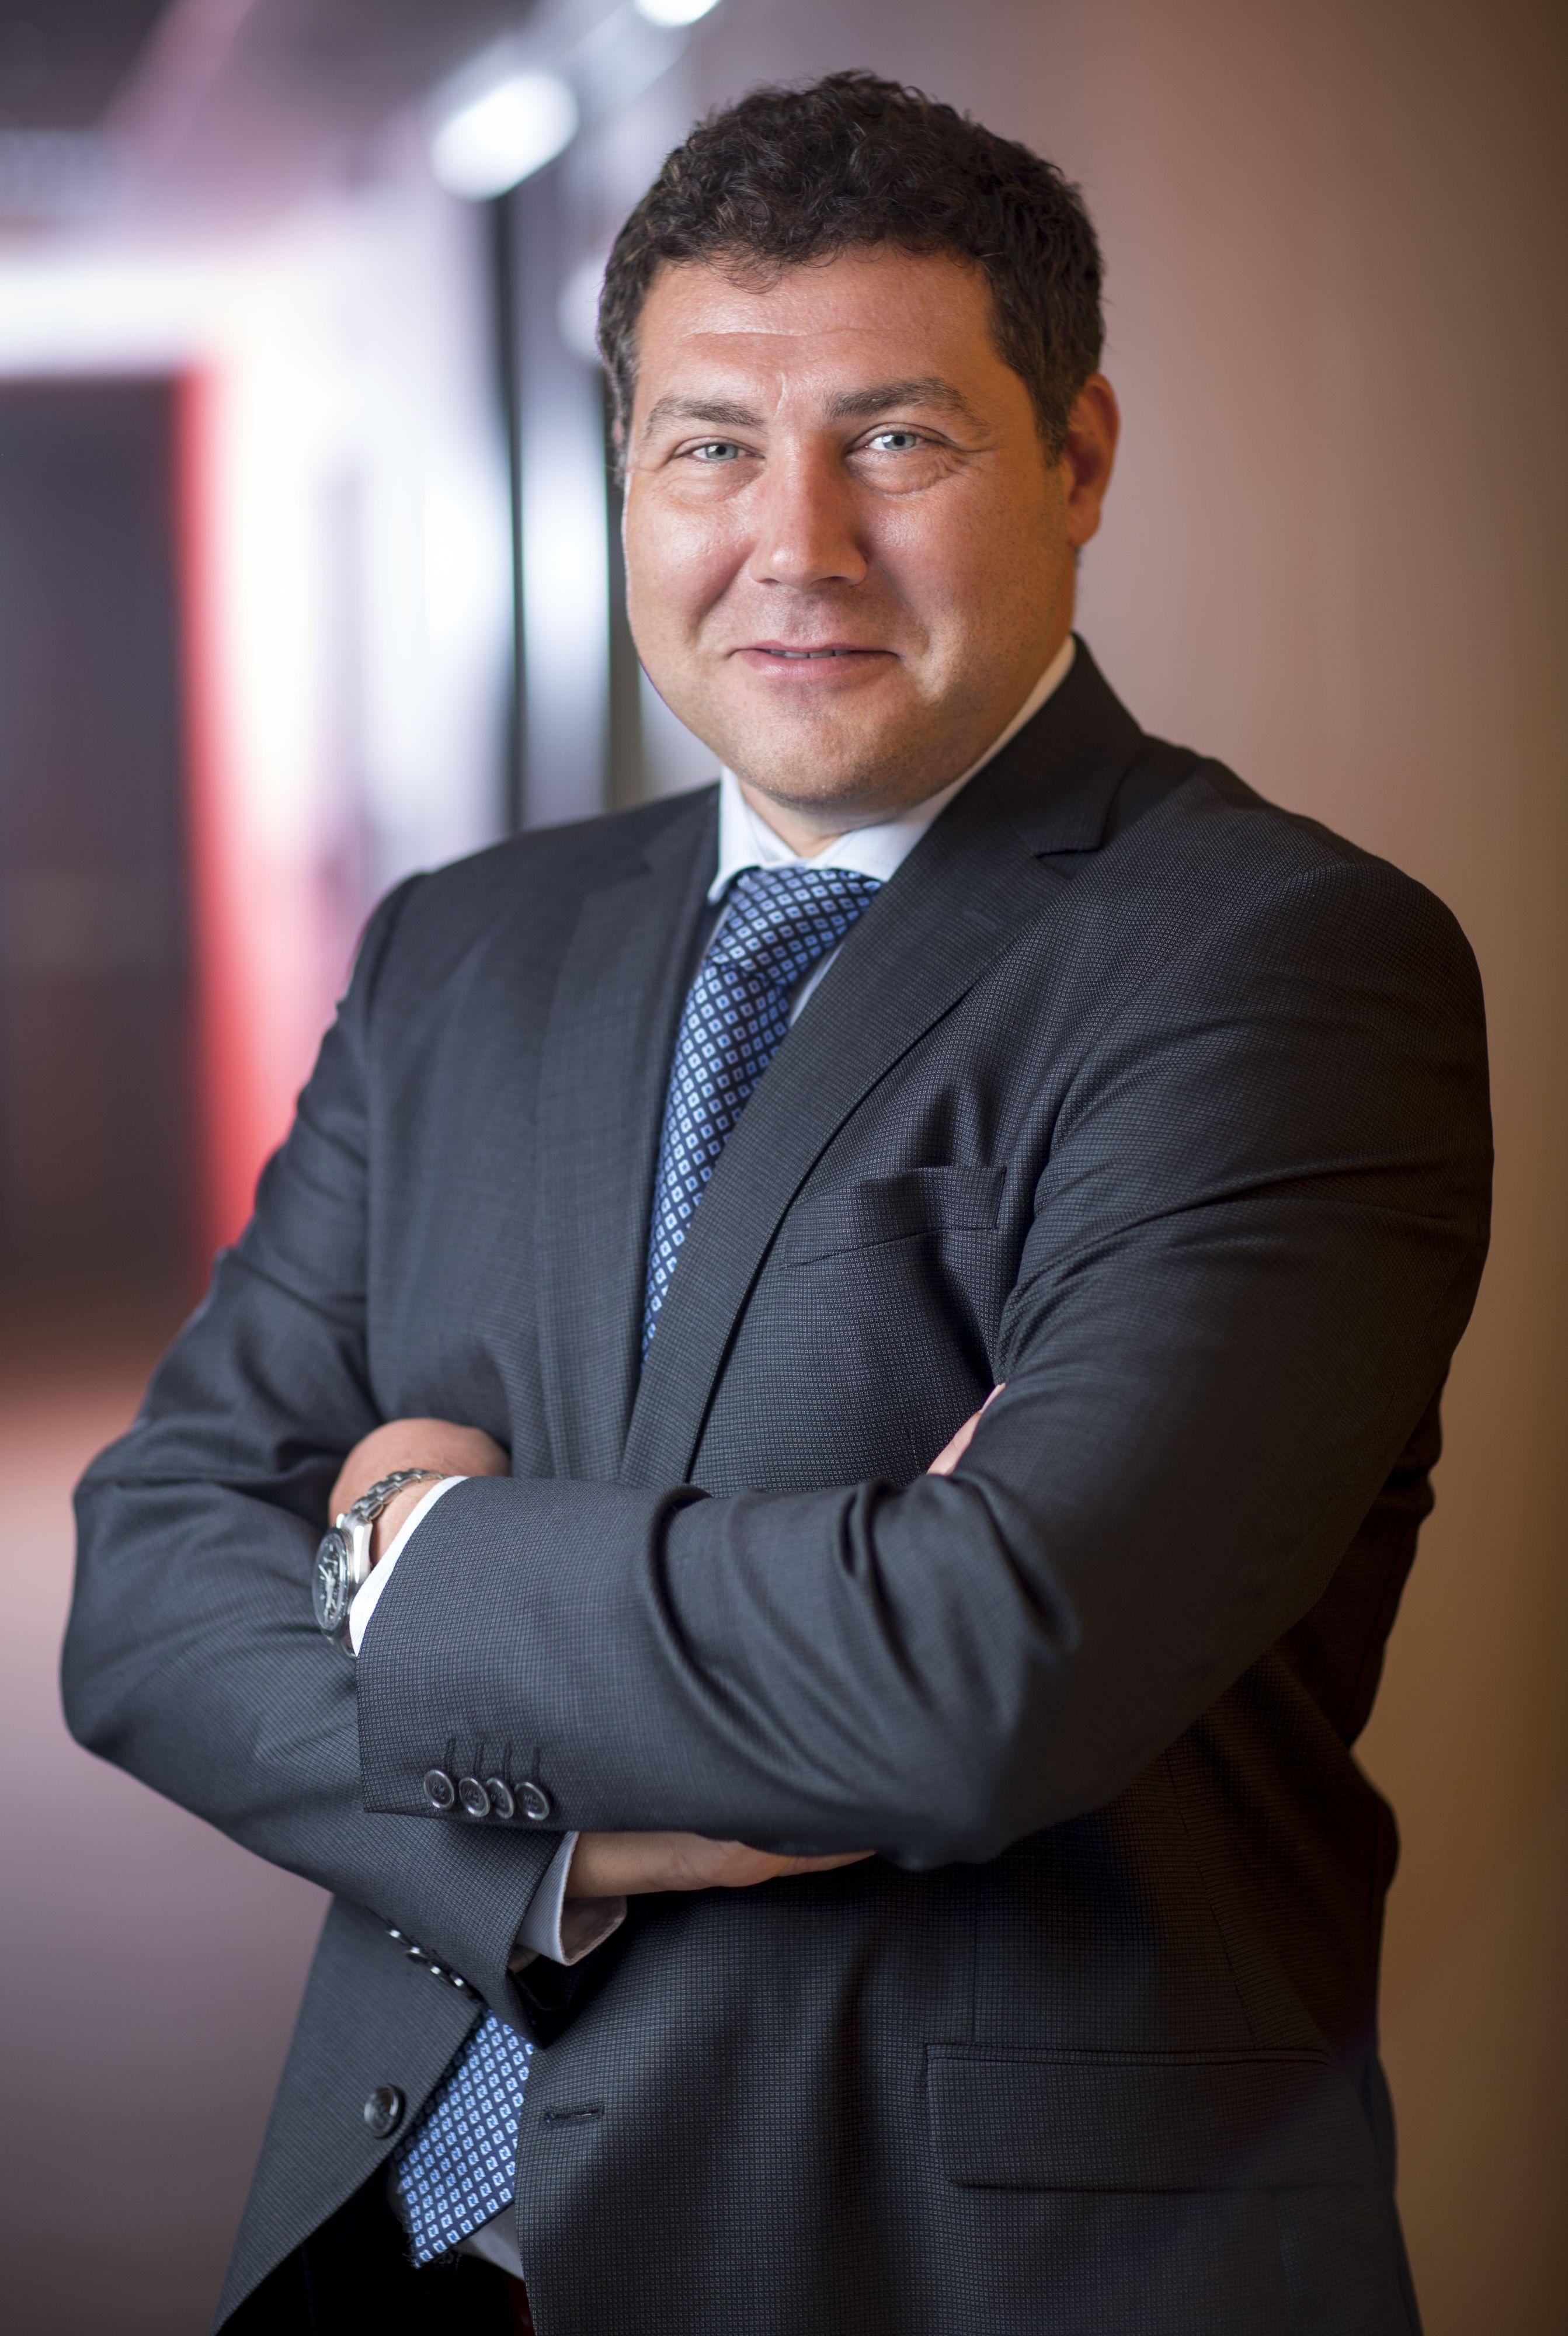 Studiu MasterCard: de slaba incluziune financiară a românilor se fac răspunzători băncile şi guvernul